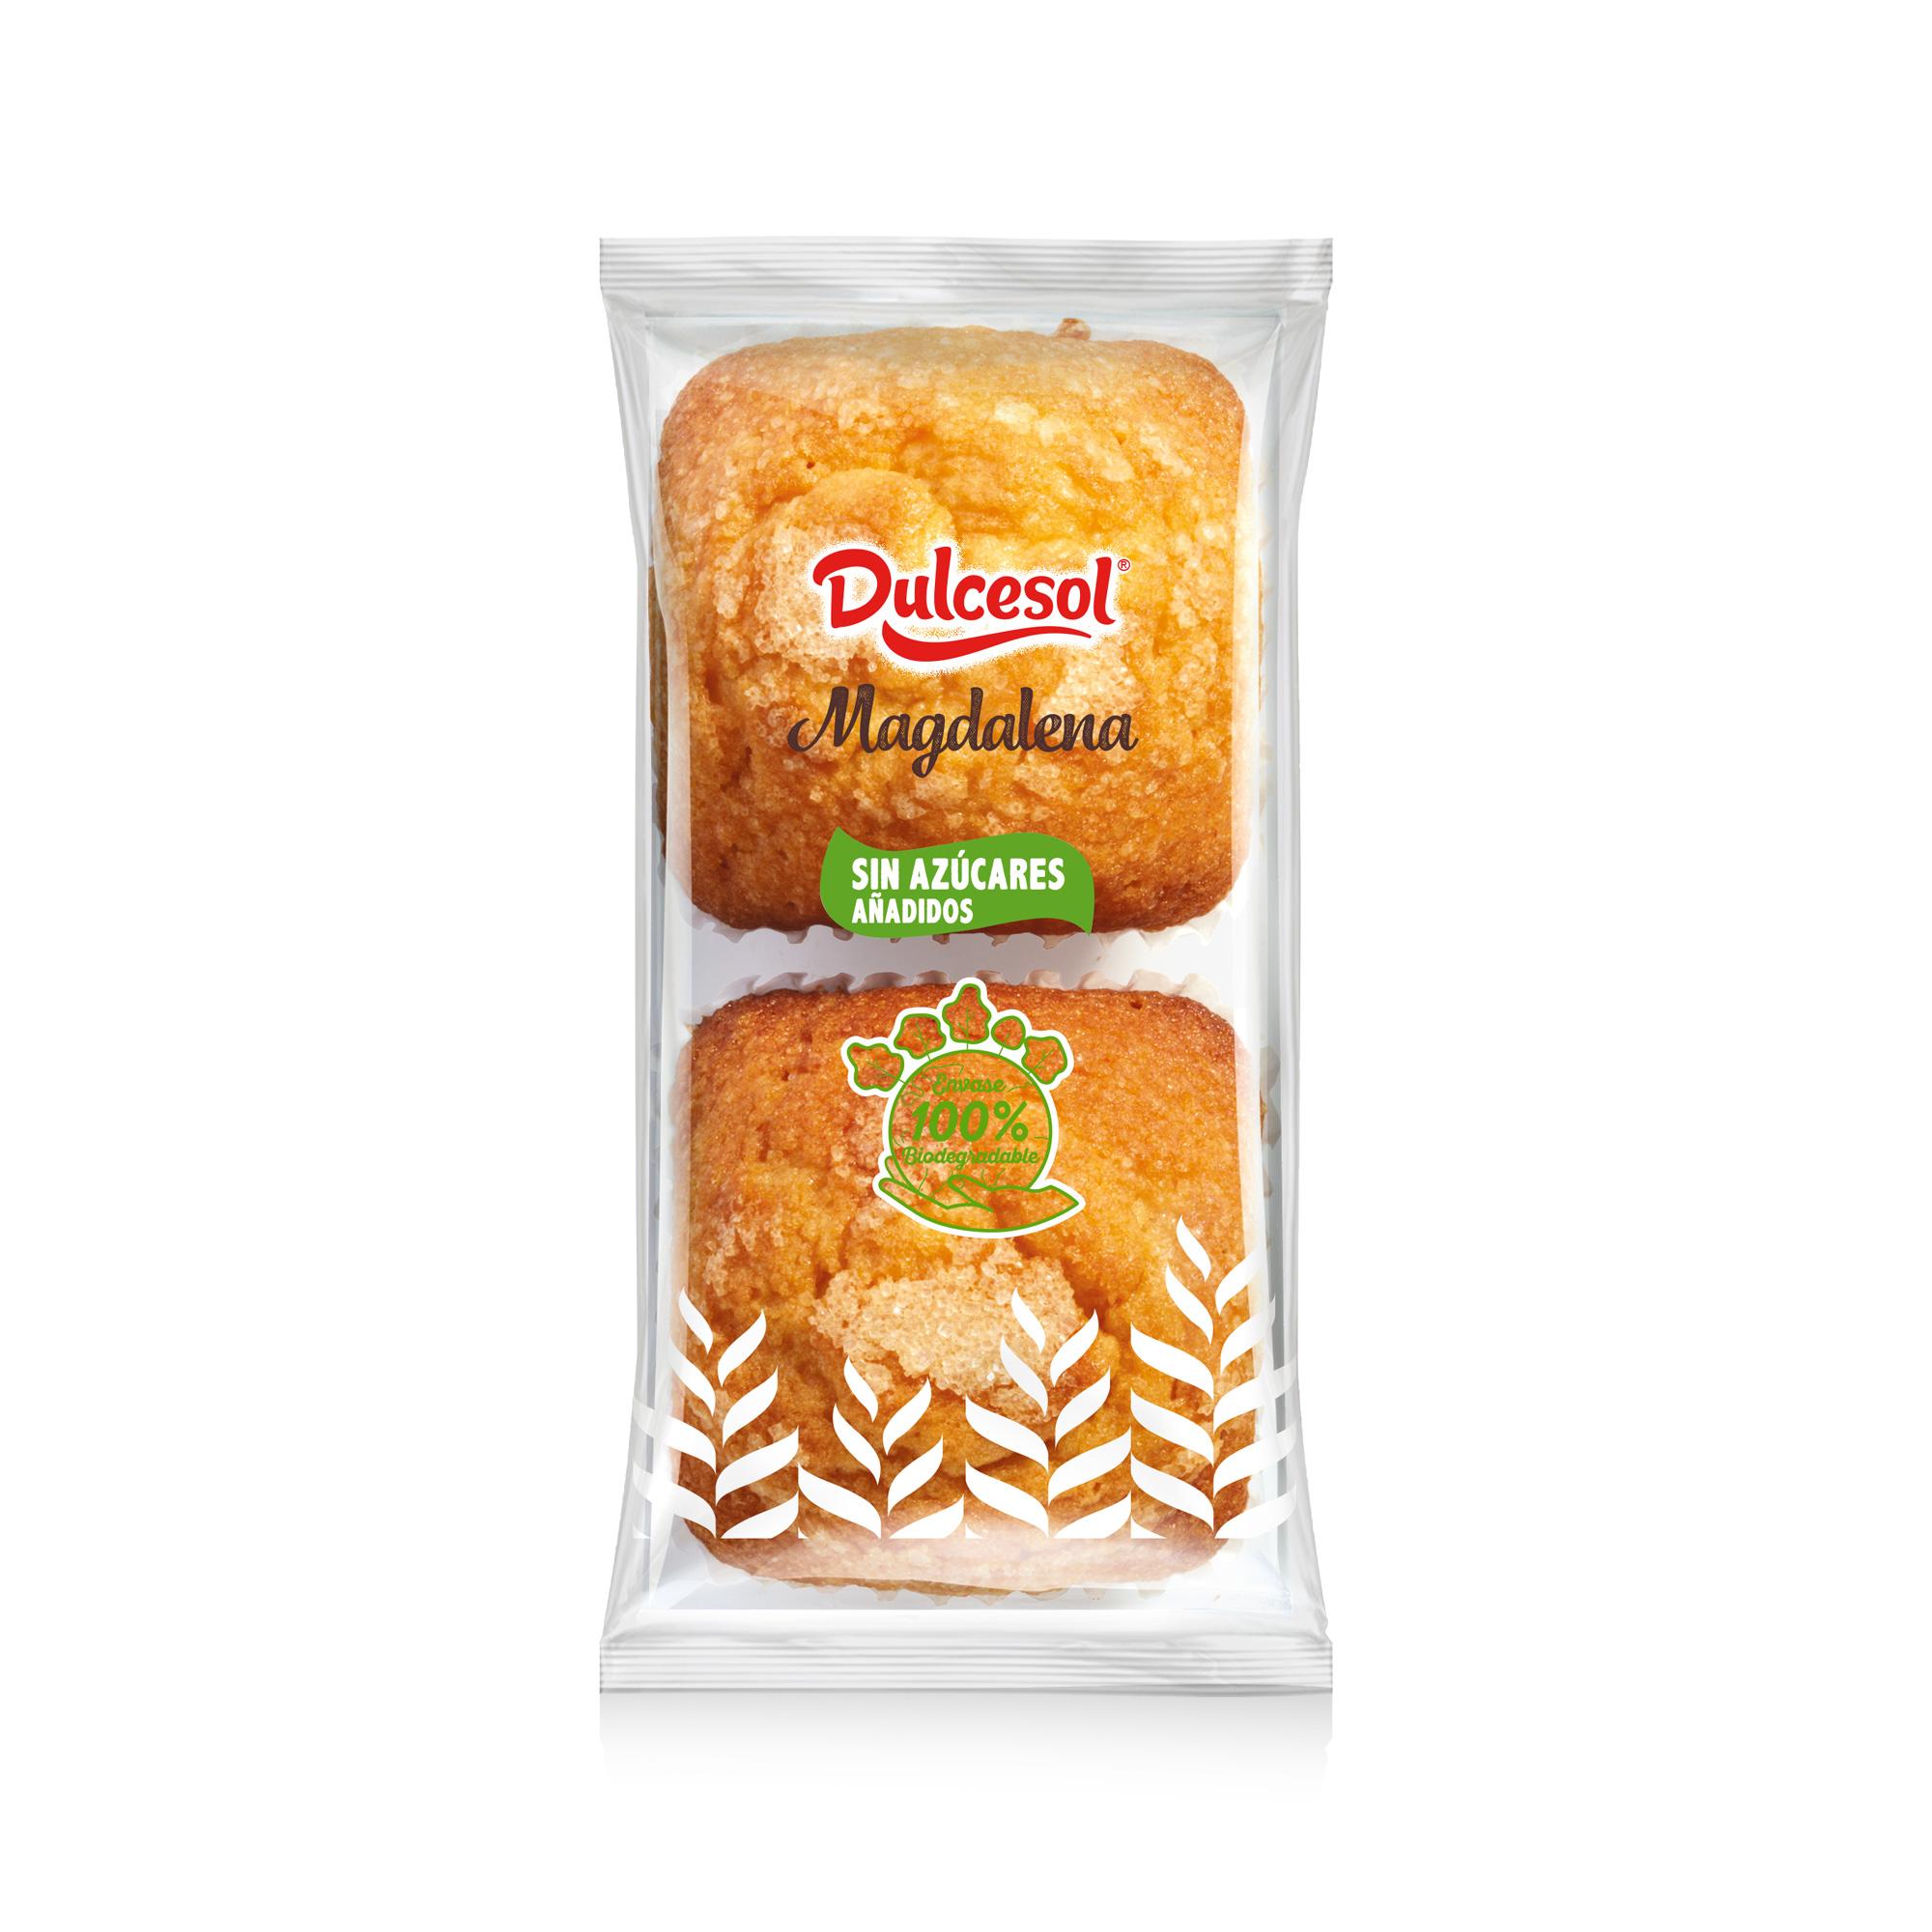 Cupcake quadrato senza zucchero 2u Box - 1.5kg